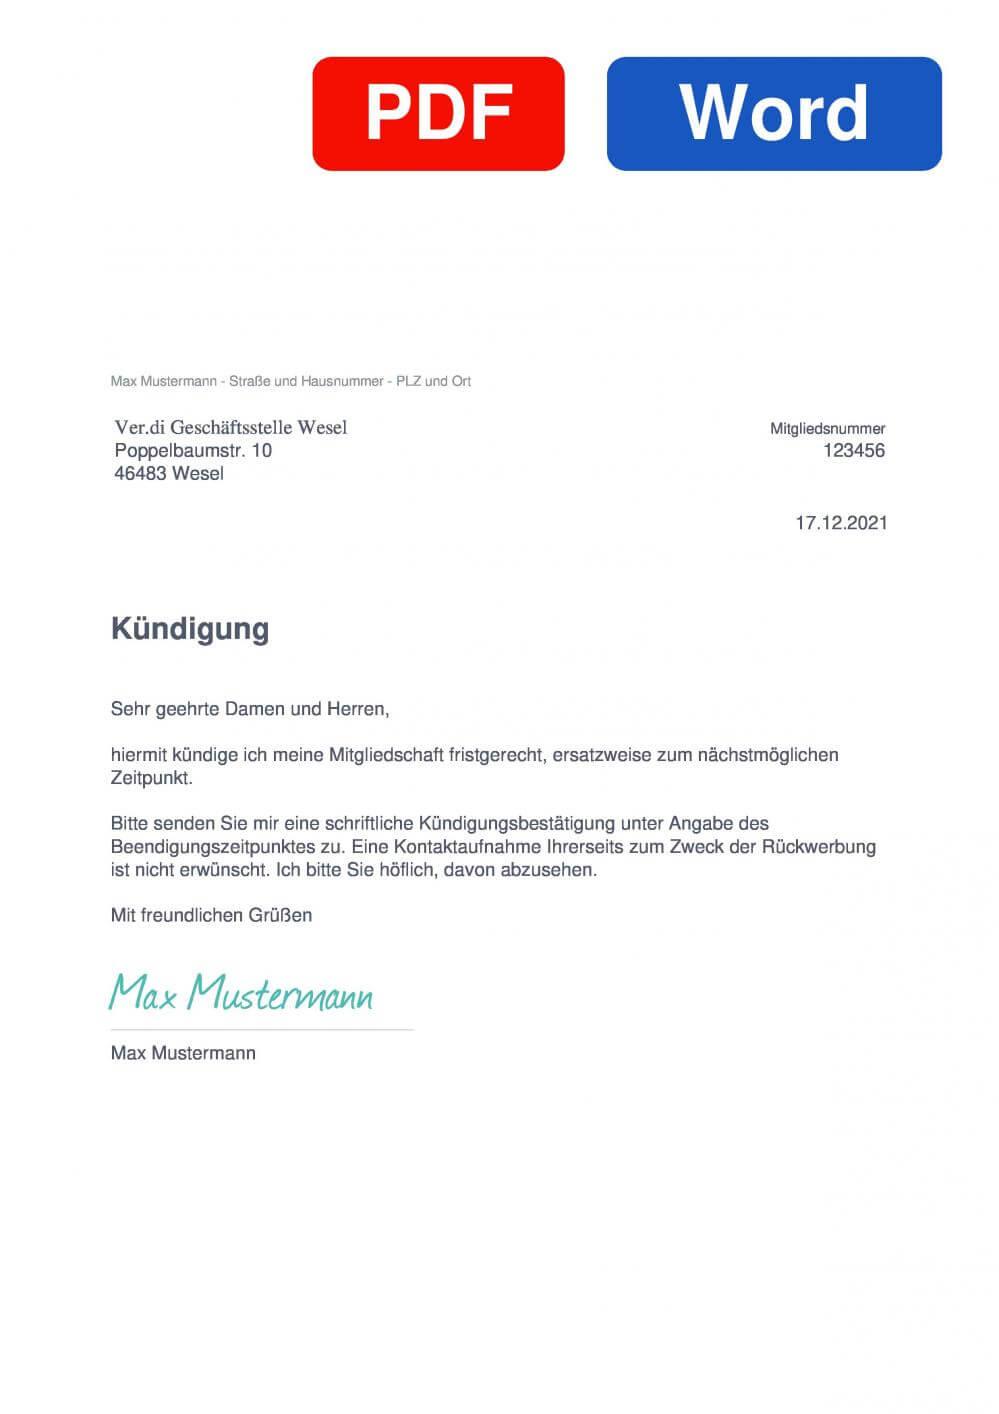 Verdi Wesel Muster Vorlage für Kündigungsschreiben